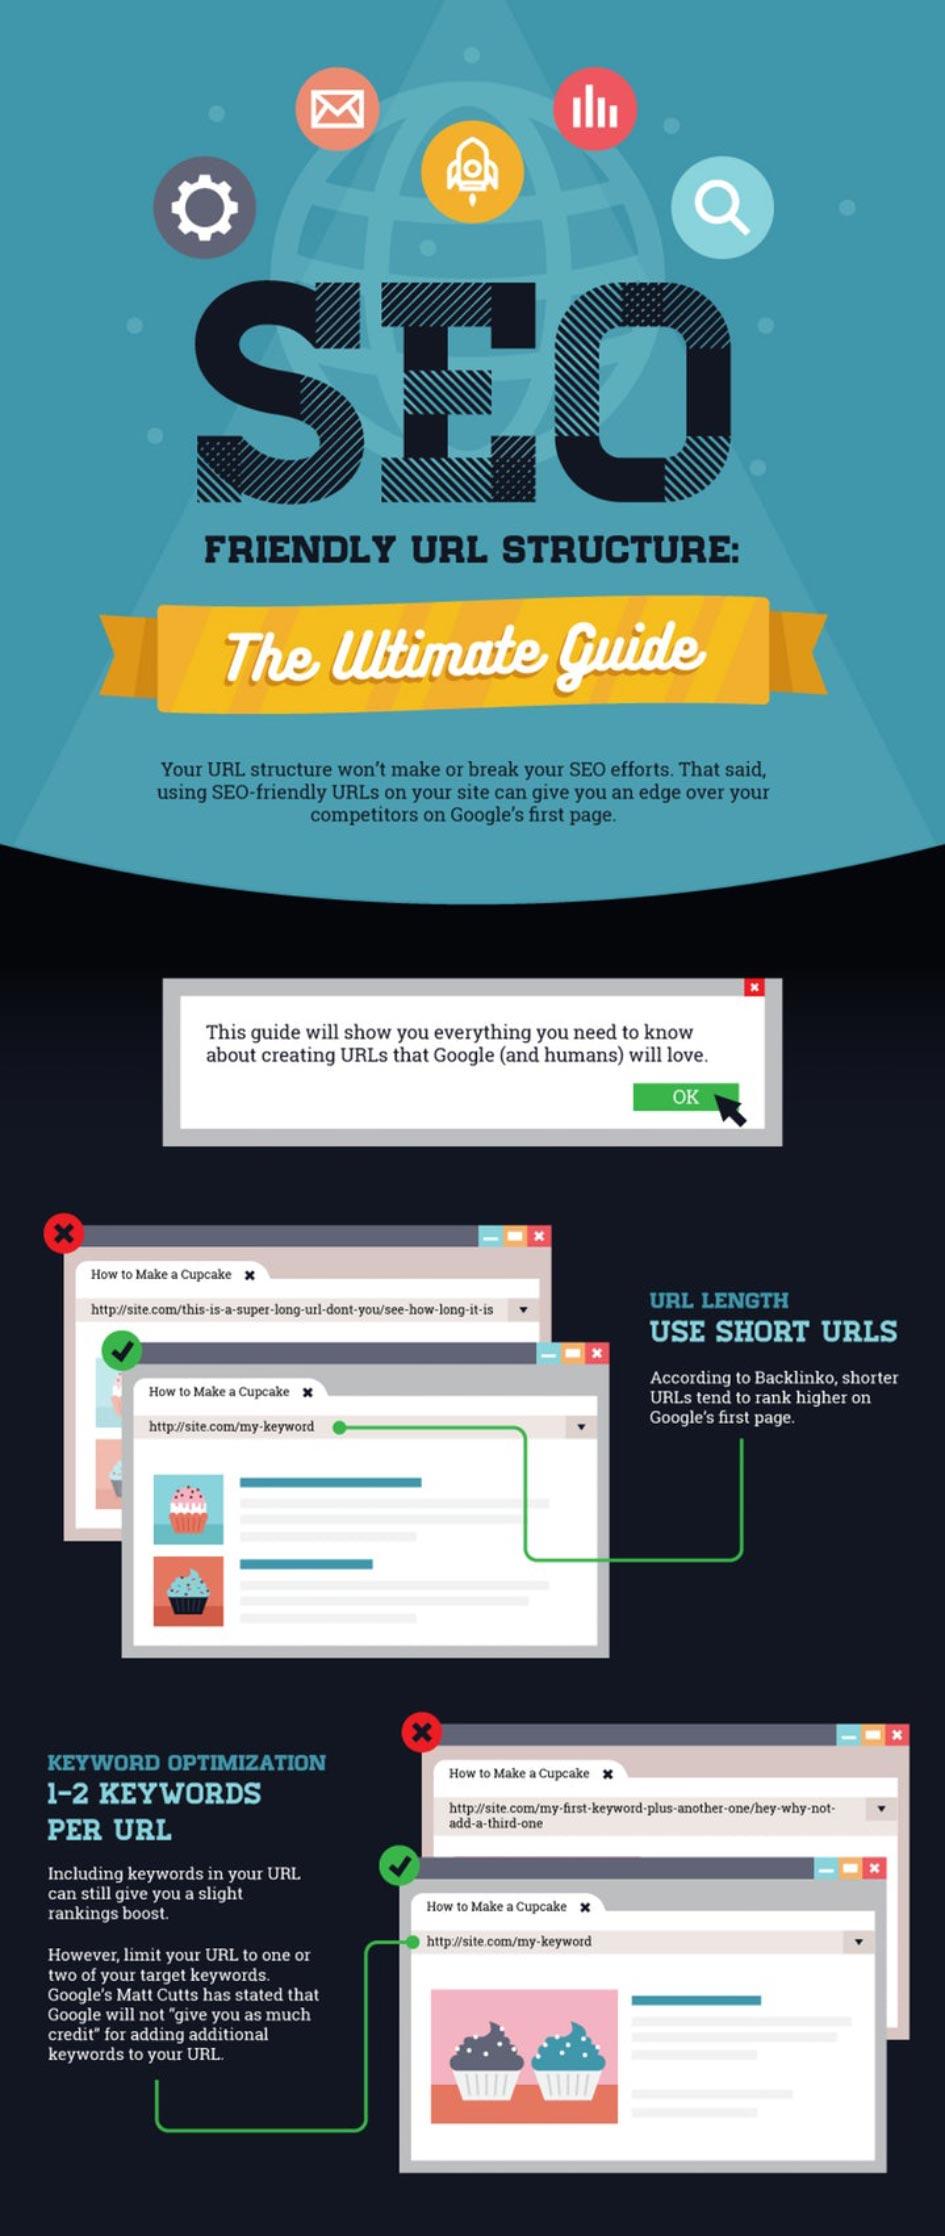 AKSIS Werbeagentur und Internetagentur hat für den Blog eine Infografik zum Thema SEO bereitgestellt.